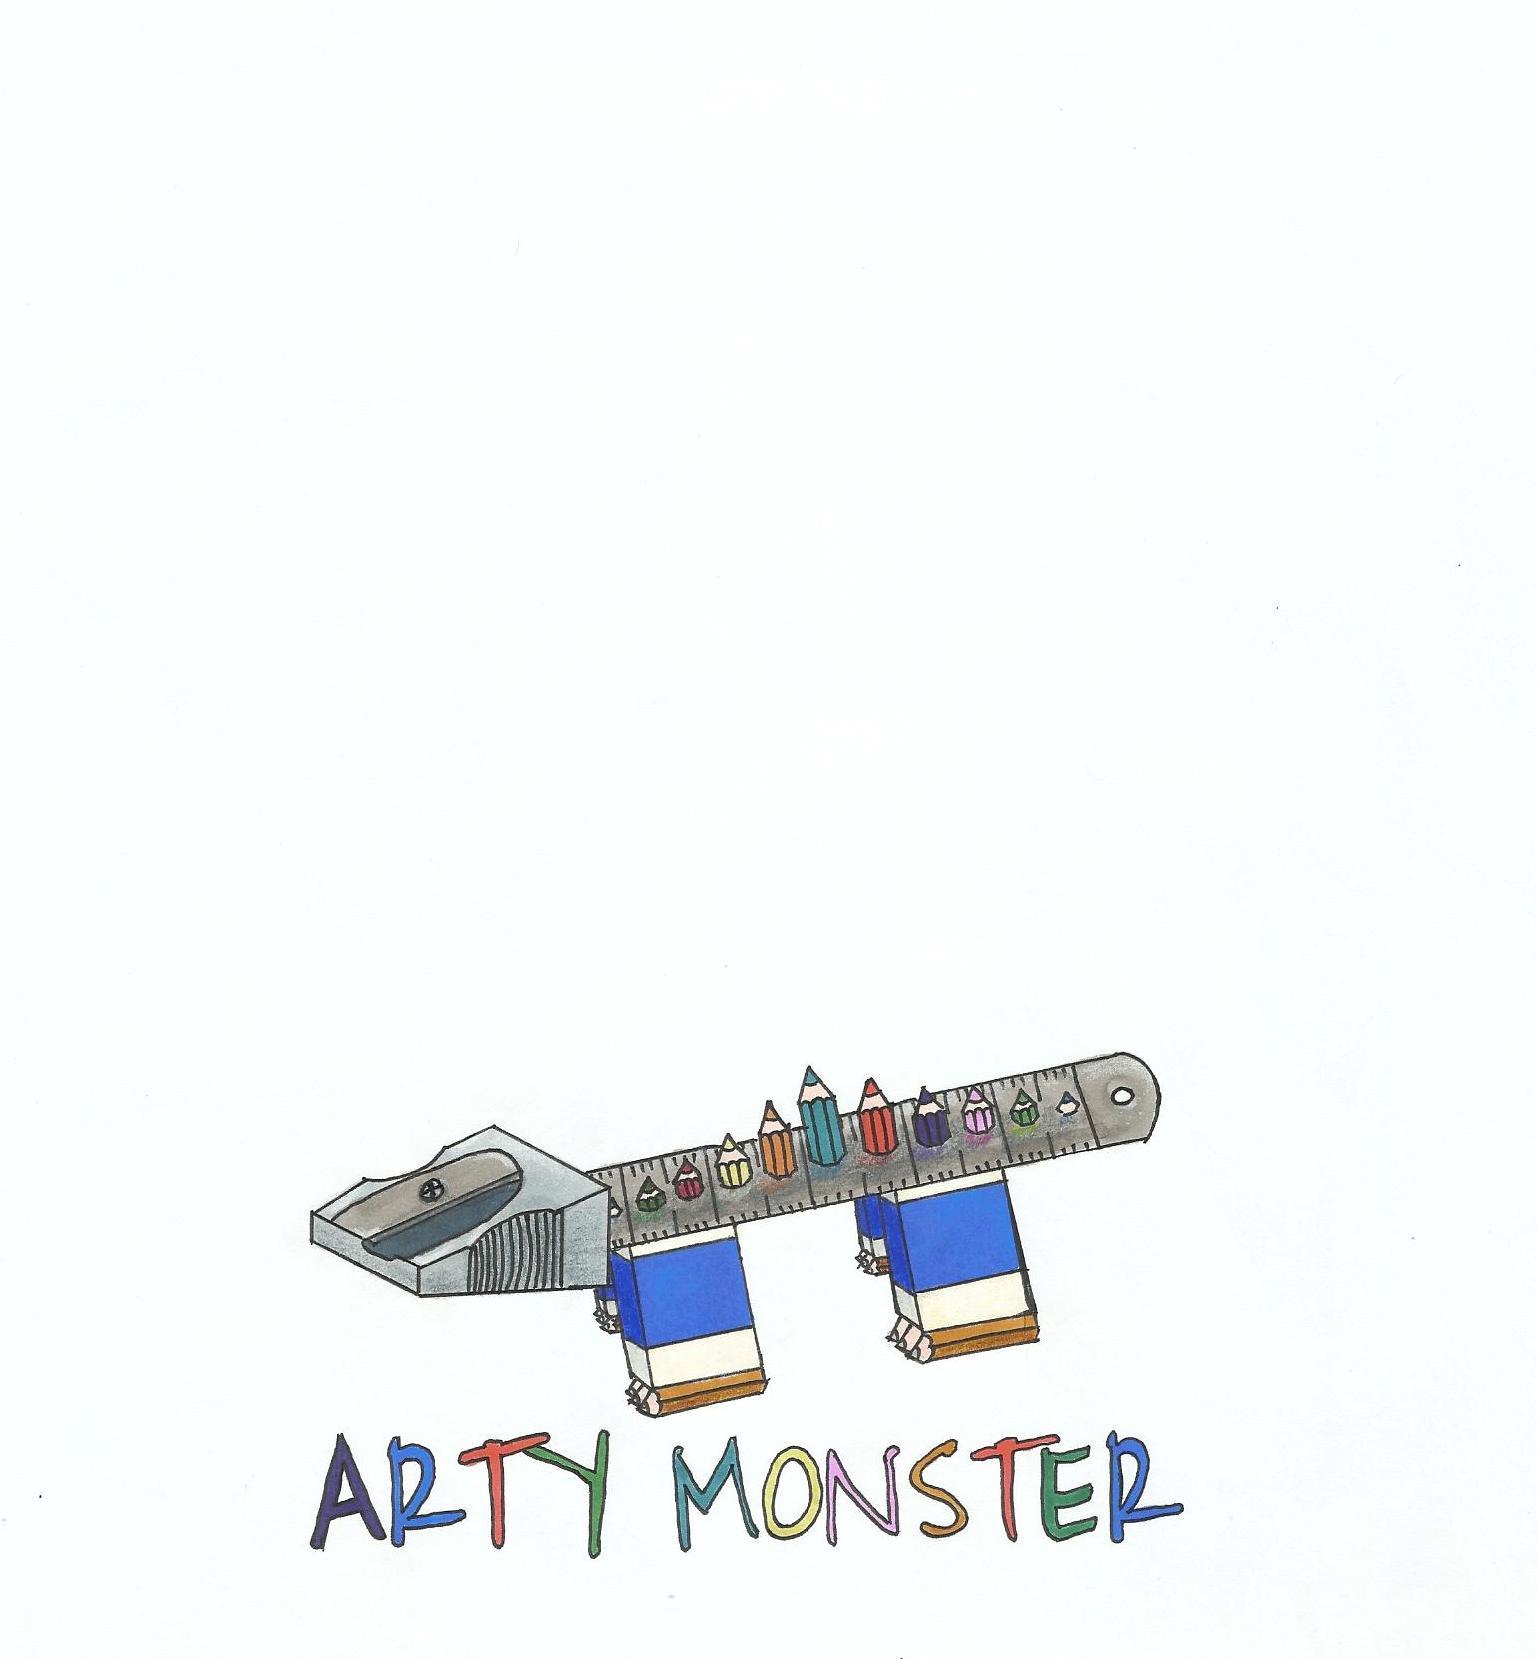 ARTY MONSTER